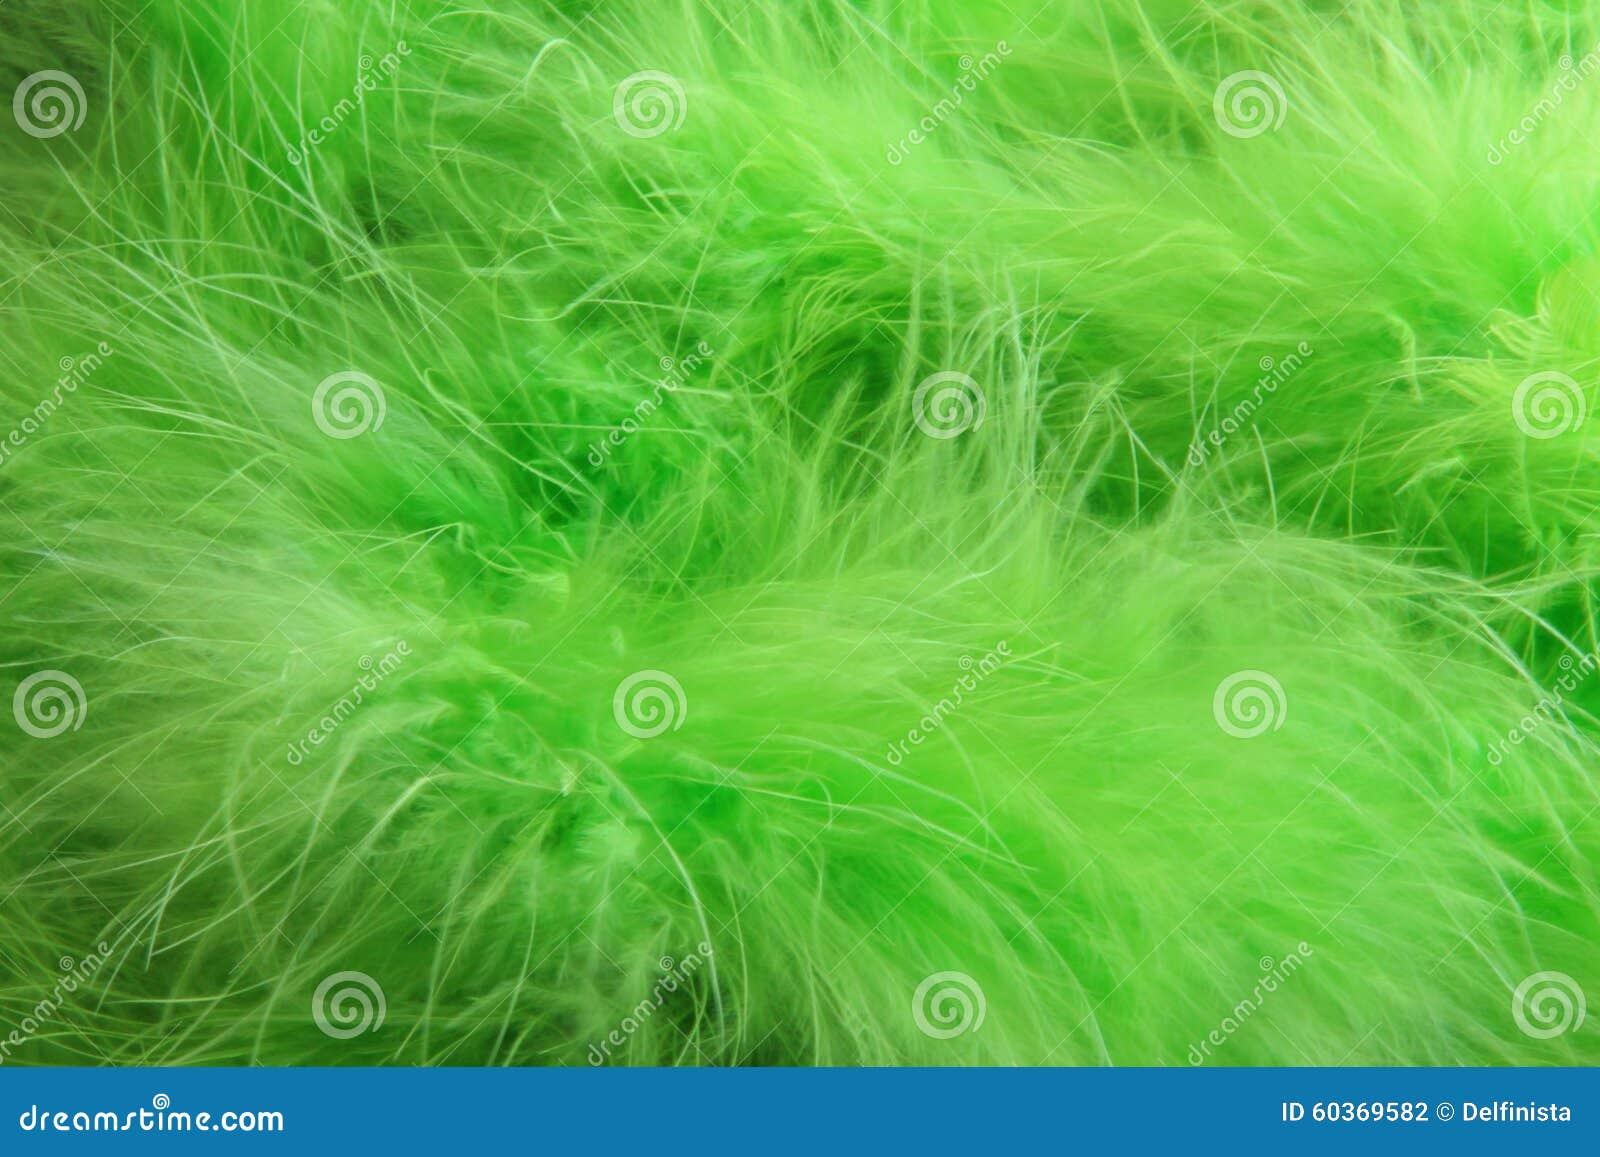 O verde empluma-se o fundo - foto conservada em estoque